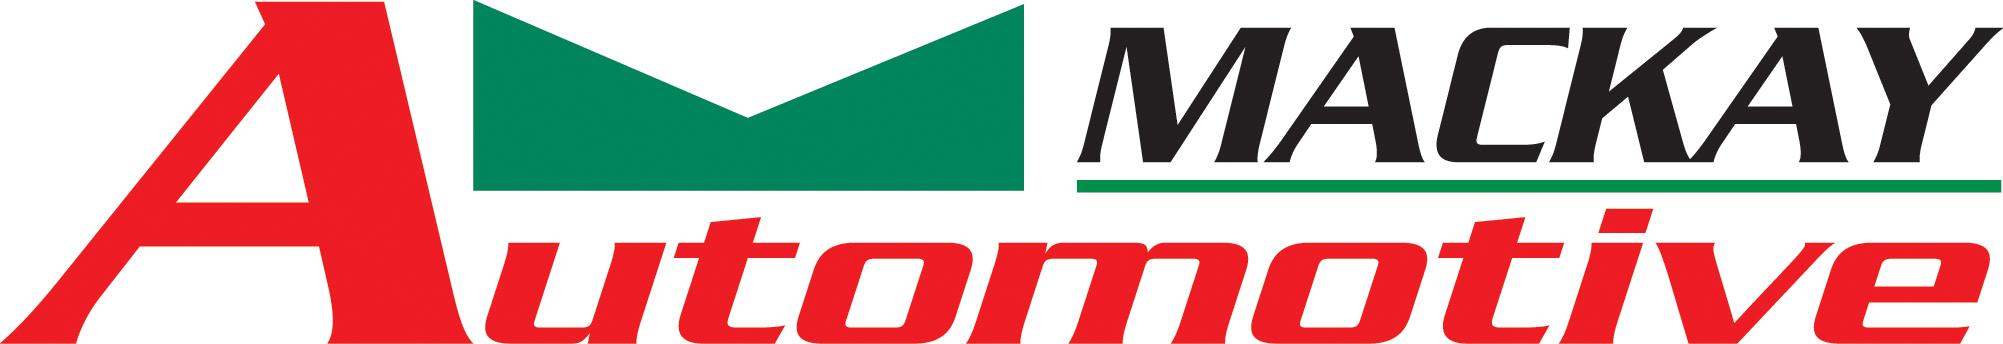 mackay-logo.png